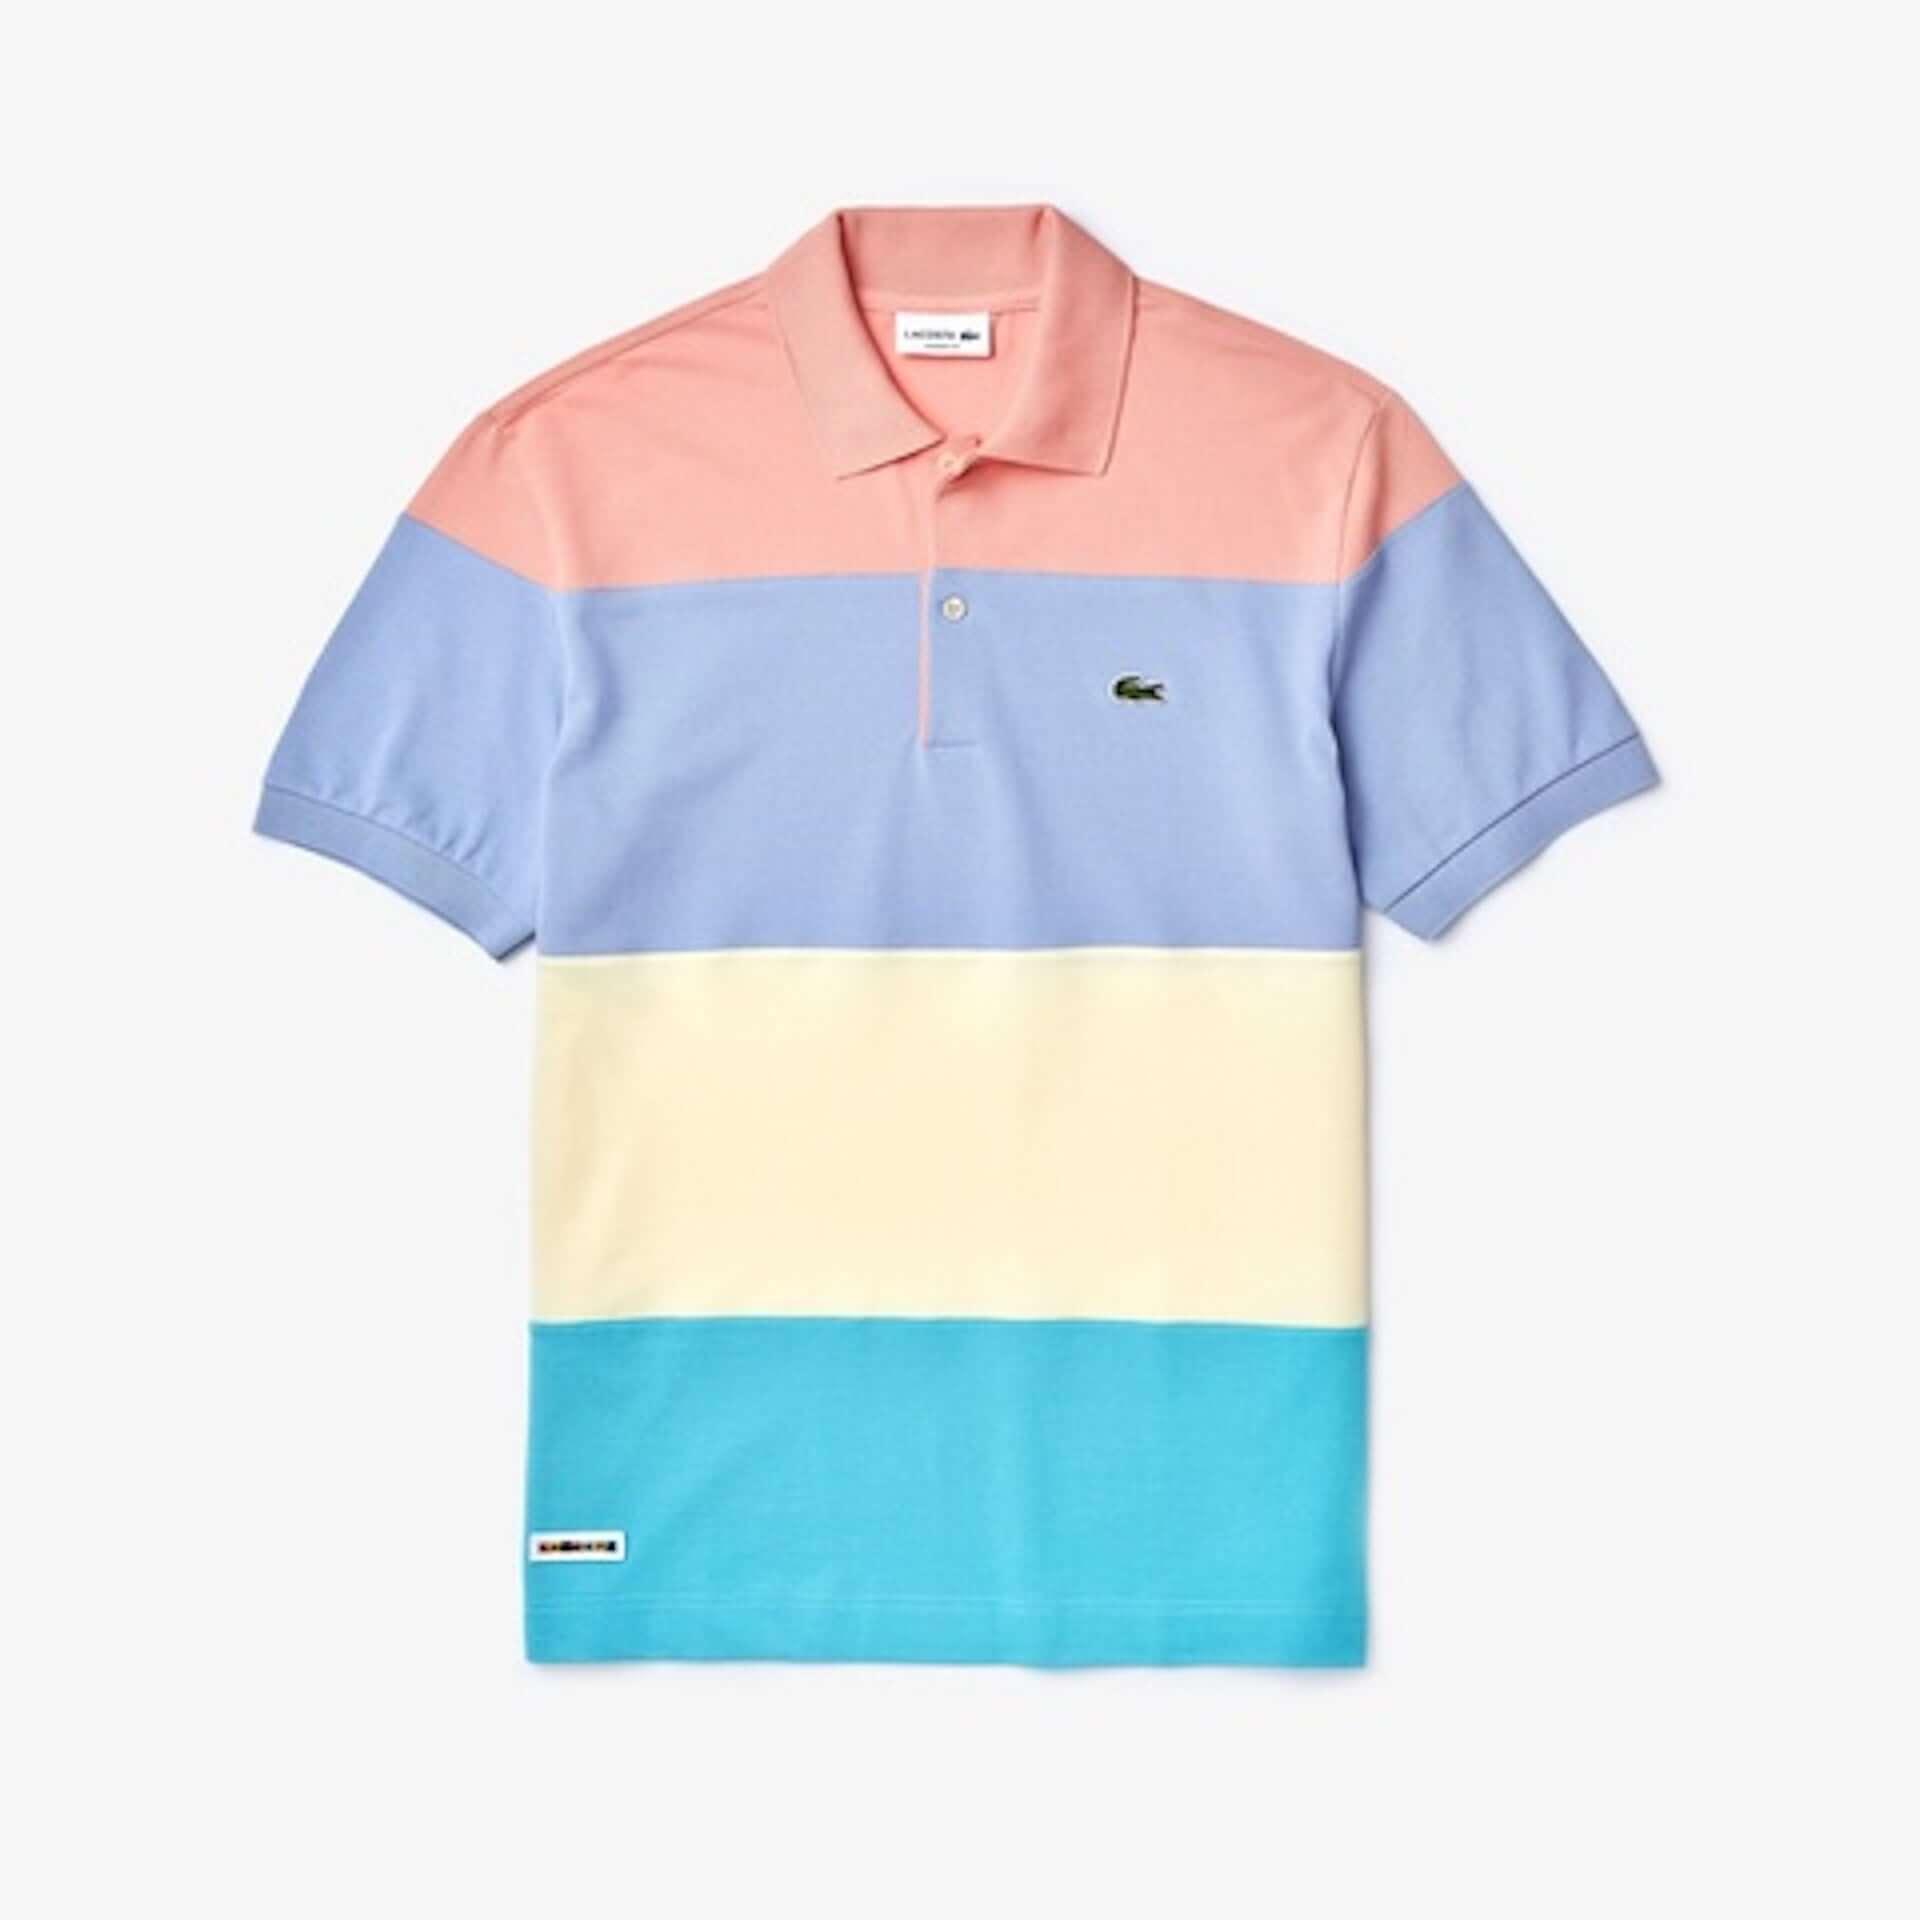 ラコステから春夏シーズンカラーの新作ポロシャツが登場!定番のワニロゴポロシャツやポロドレスも lf200519_lacoste_03-1920x1920